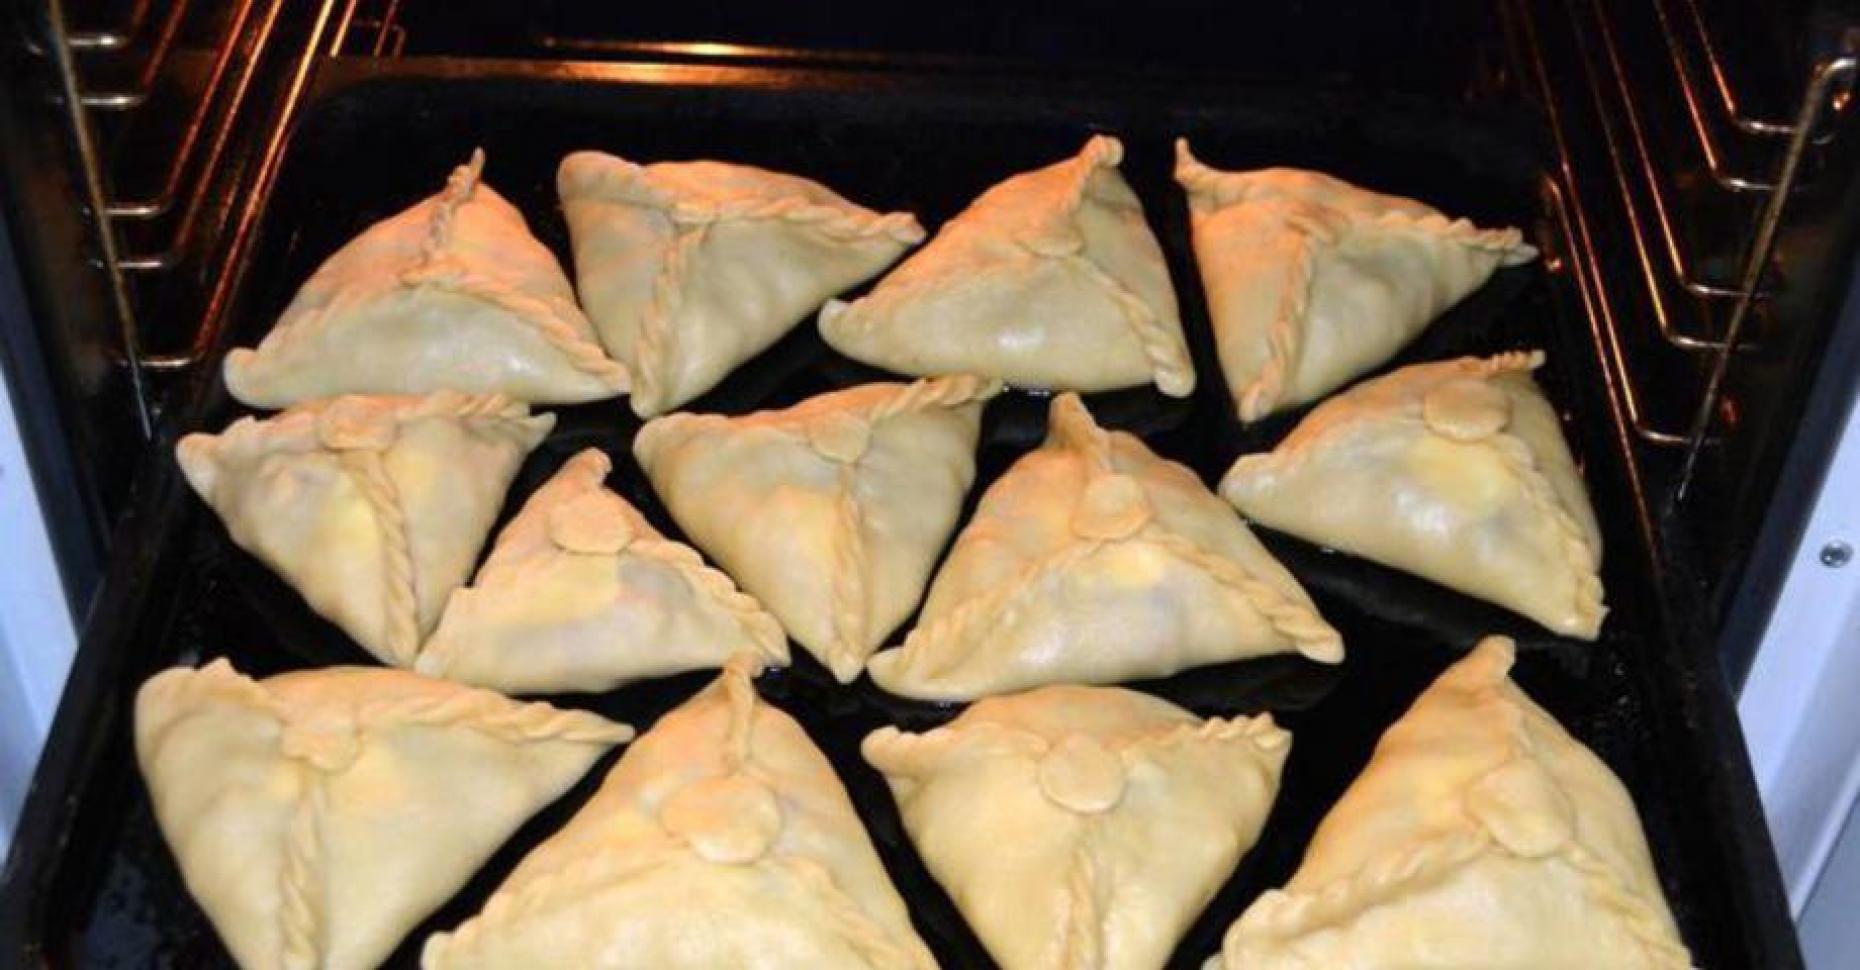 тесто для треугольников дрожжевое рецепт с фото семь серий, которых